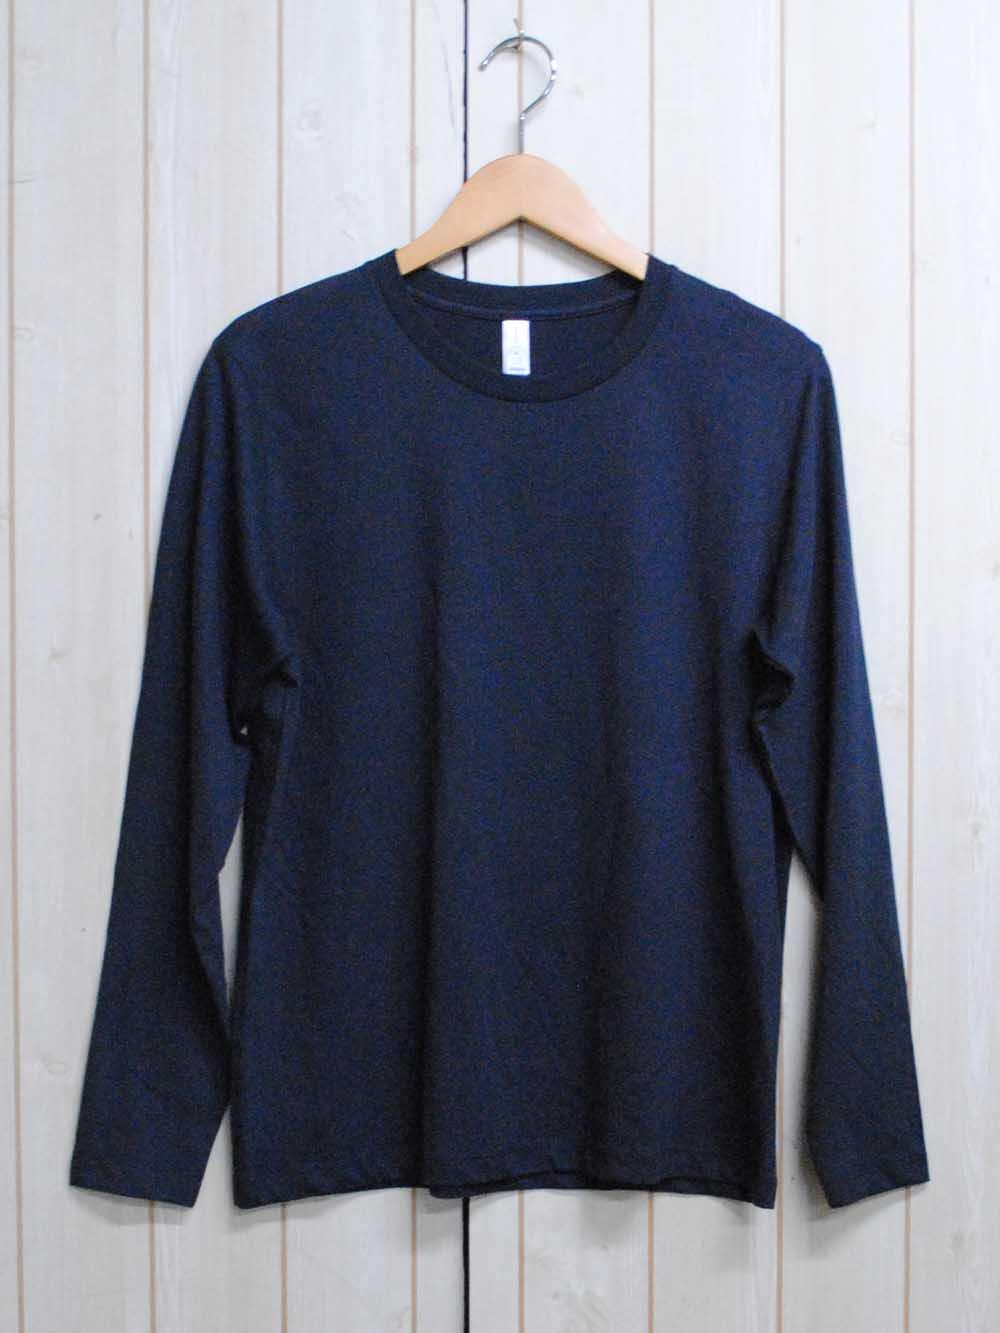 【93%OFF】@149円■20枚セット■綿100%長袖Tシャツ ※タグカット商品